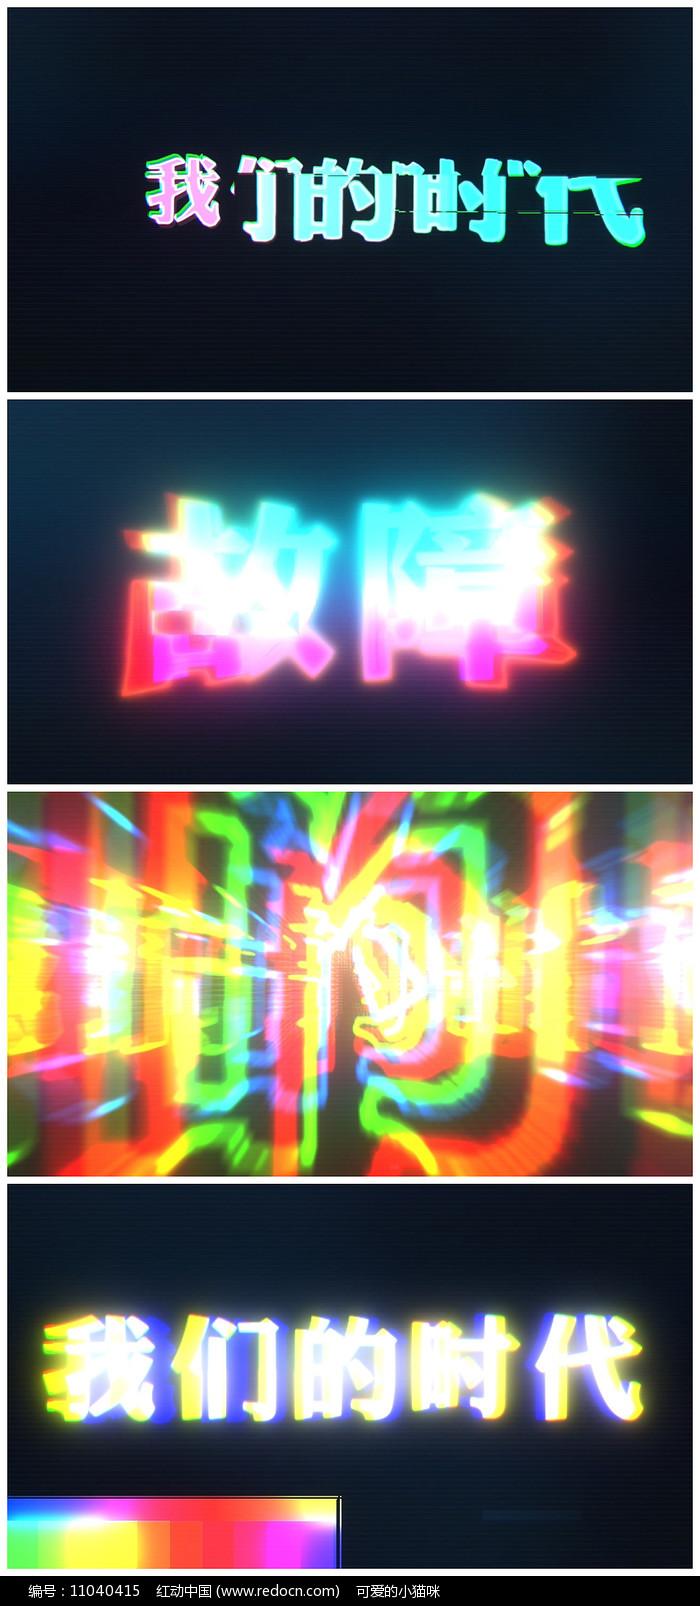 故障logo视频模板图片